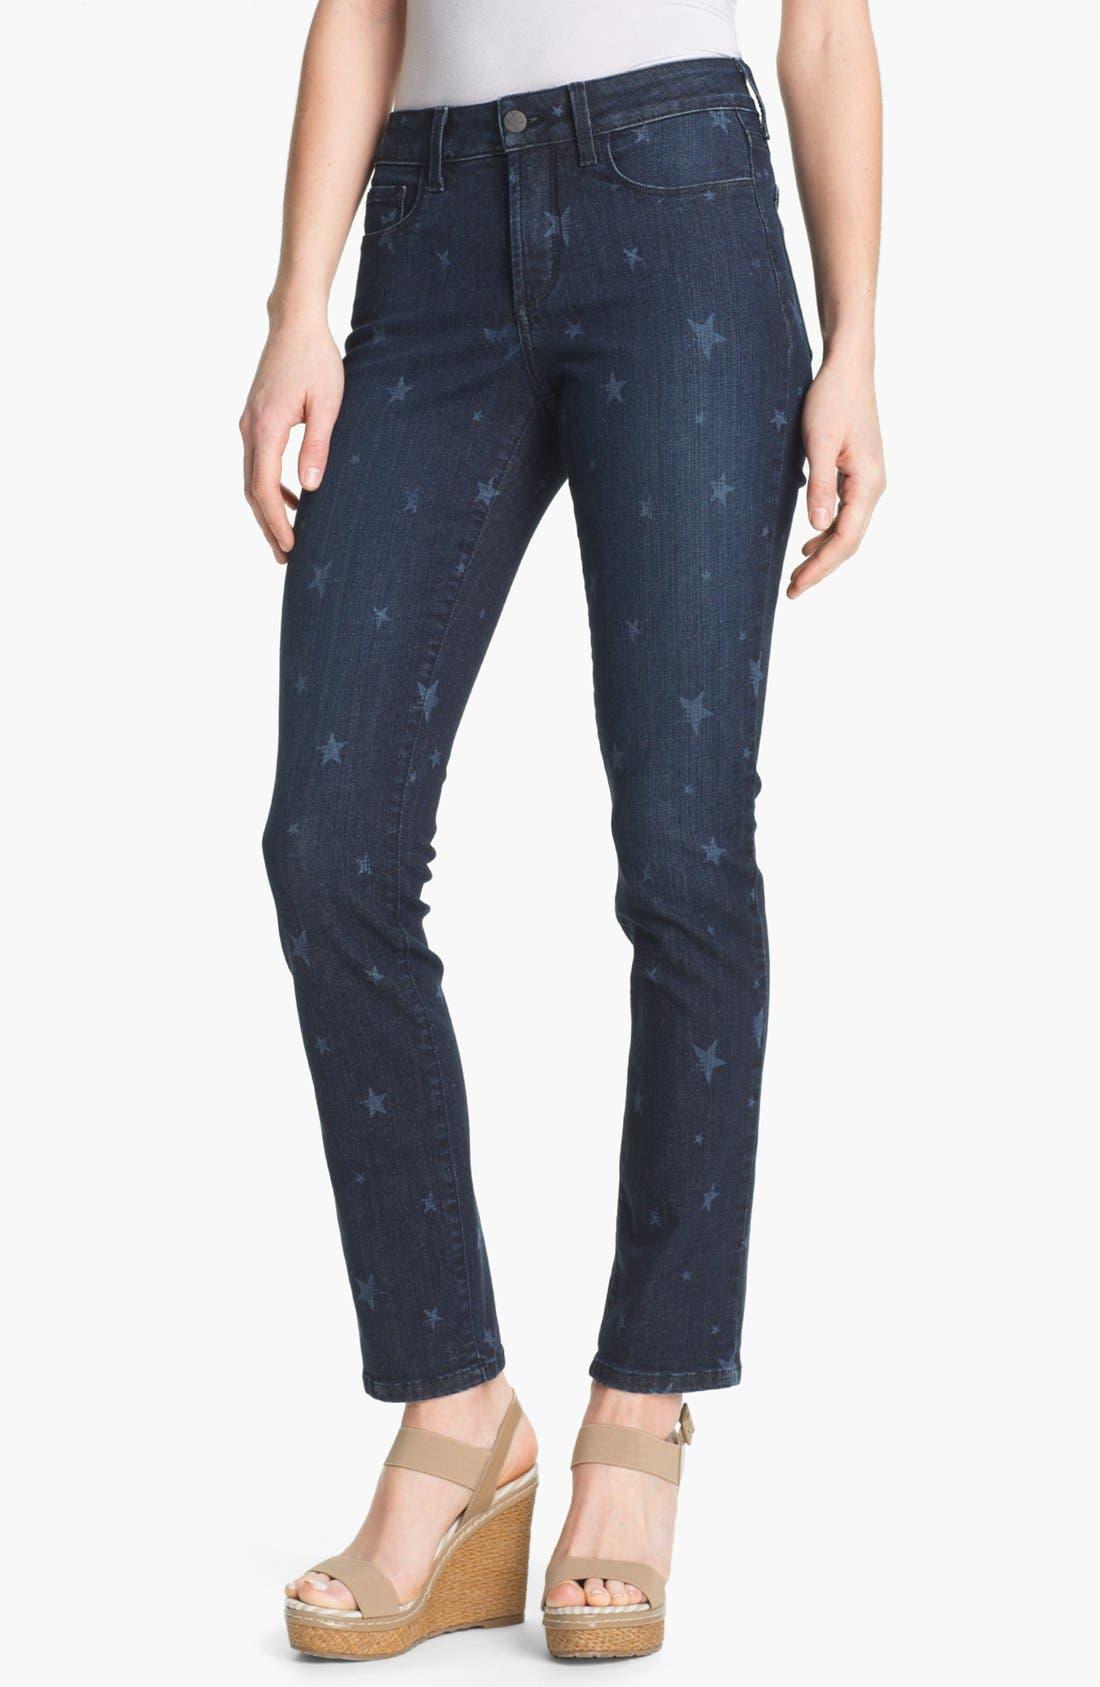 Alternate Image 1 Selected - NYDJ 'Sheri' Star Print Skinny Jeans